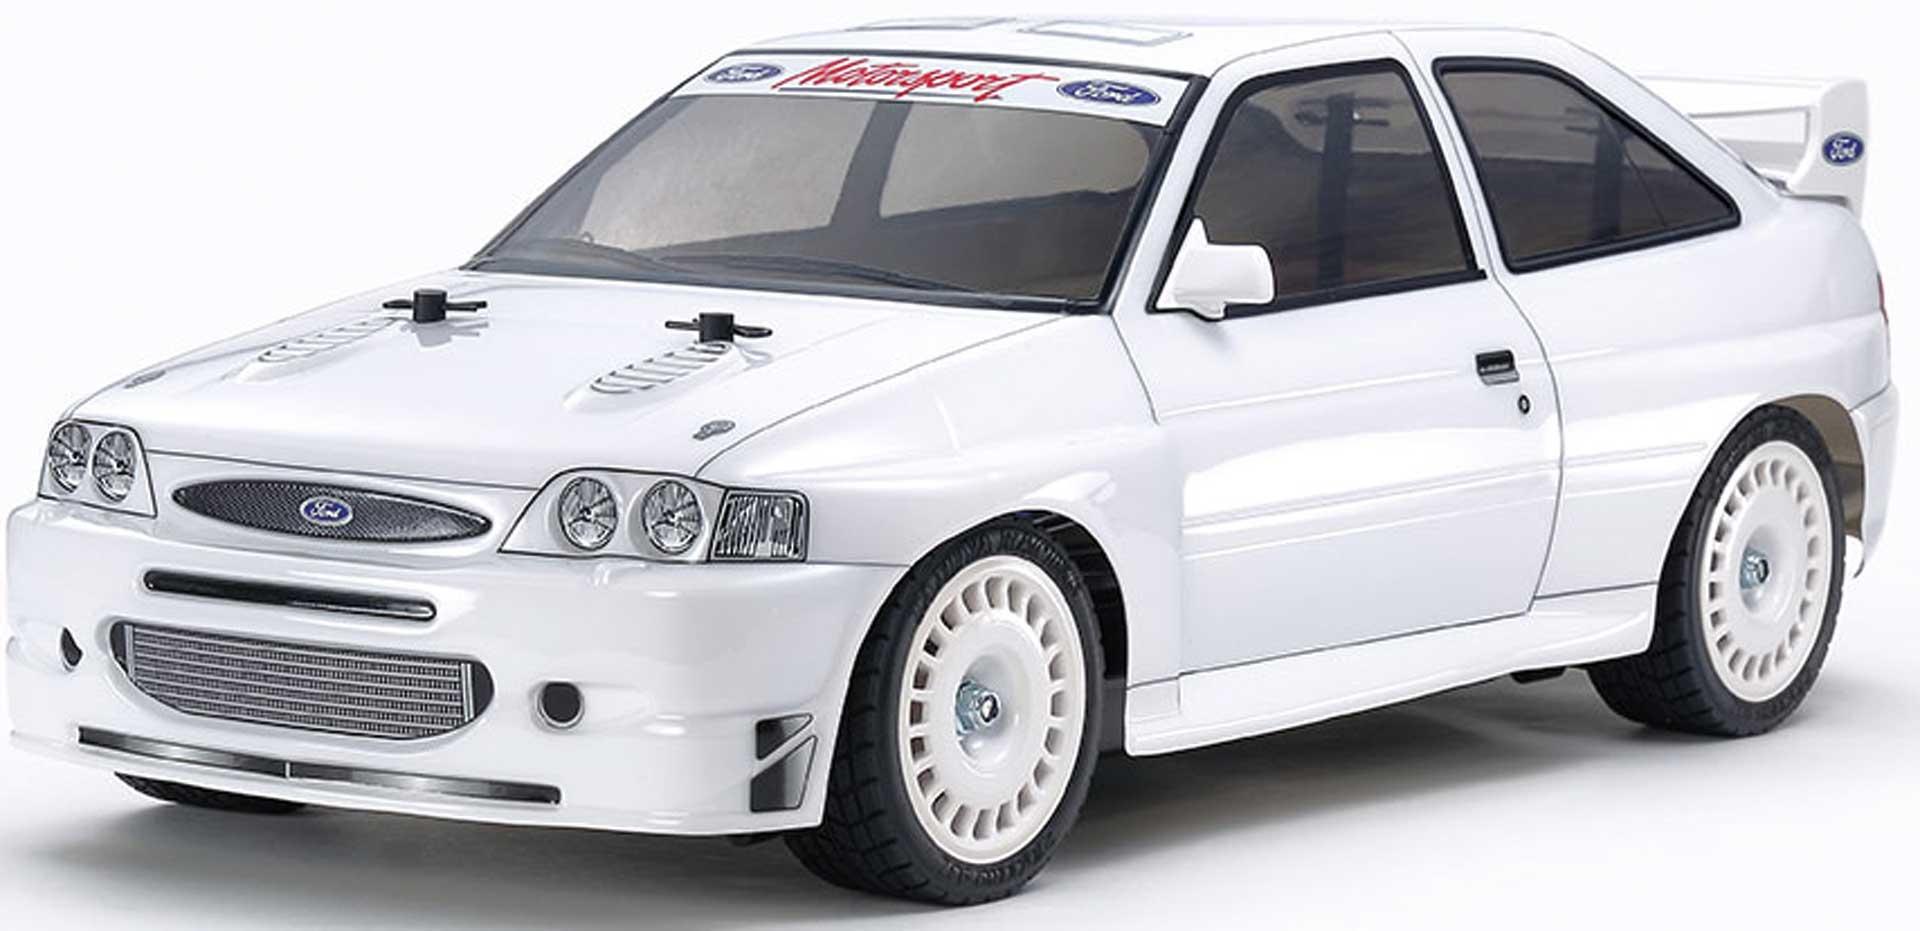 Tamiya 1:10 RC FORD ESCORT RACING (TT-02)